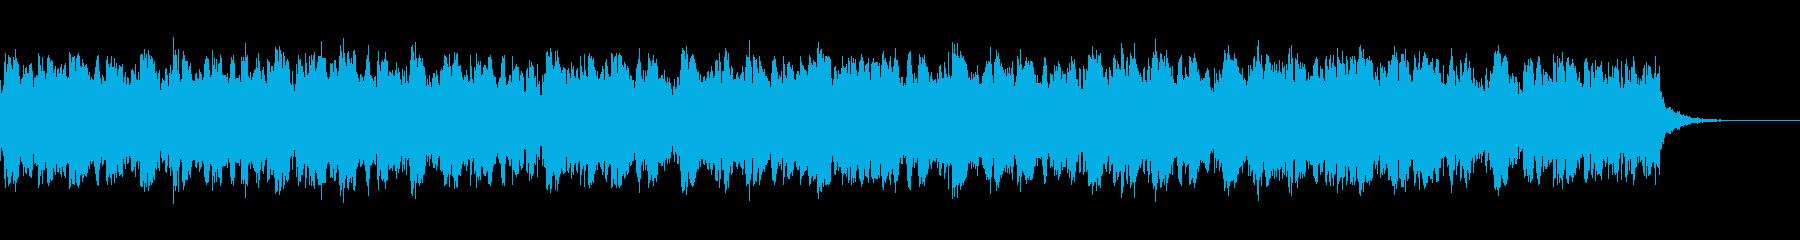 メランコリックで切ないピアノ系BGMの再生済みの波形